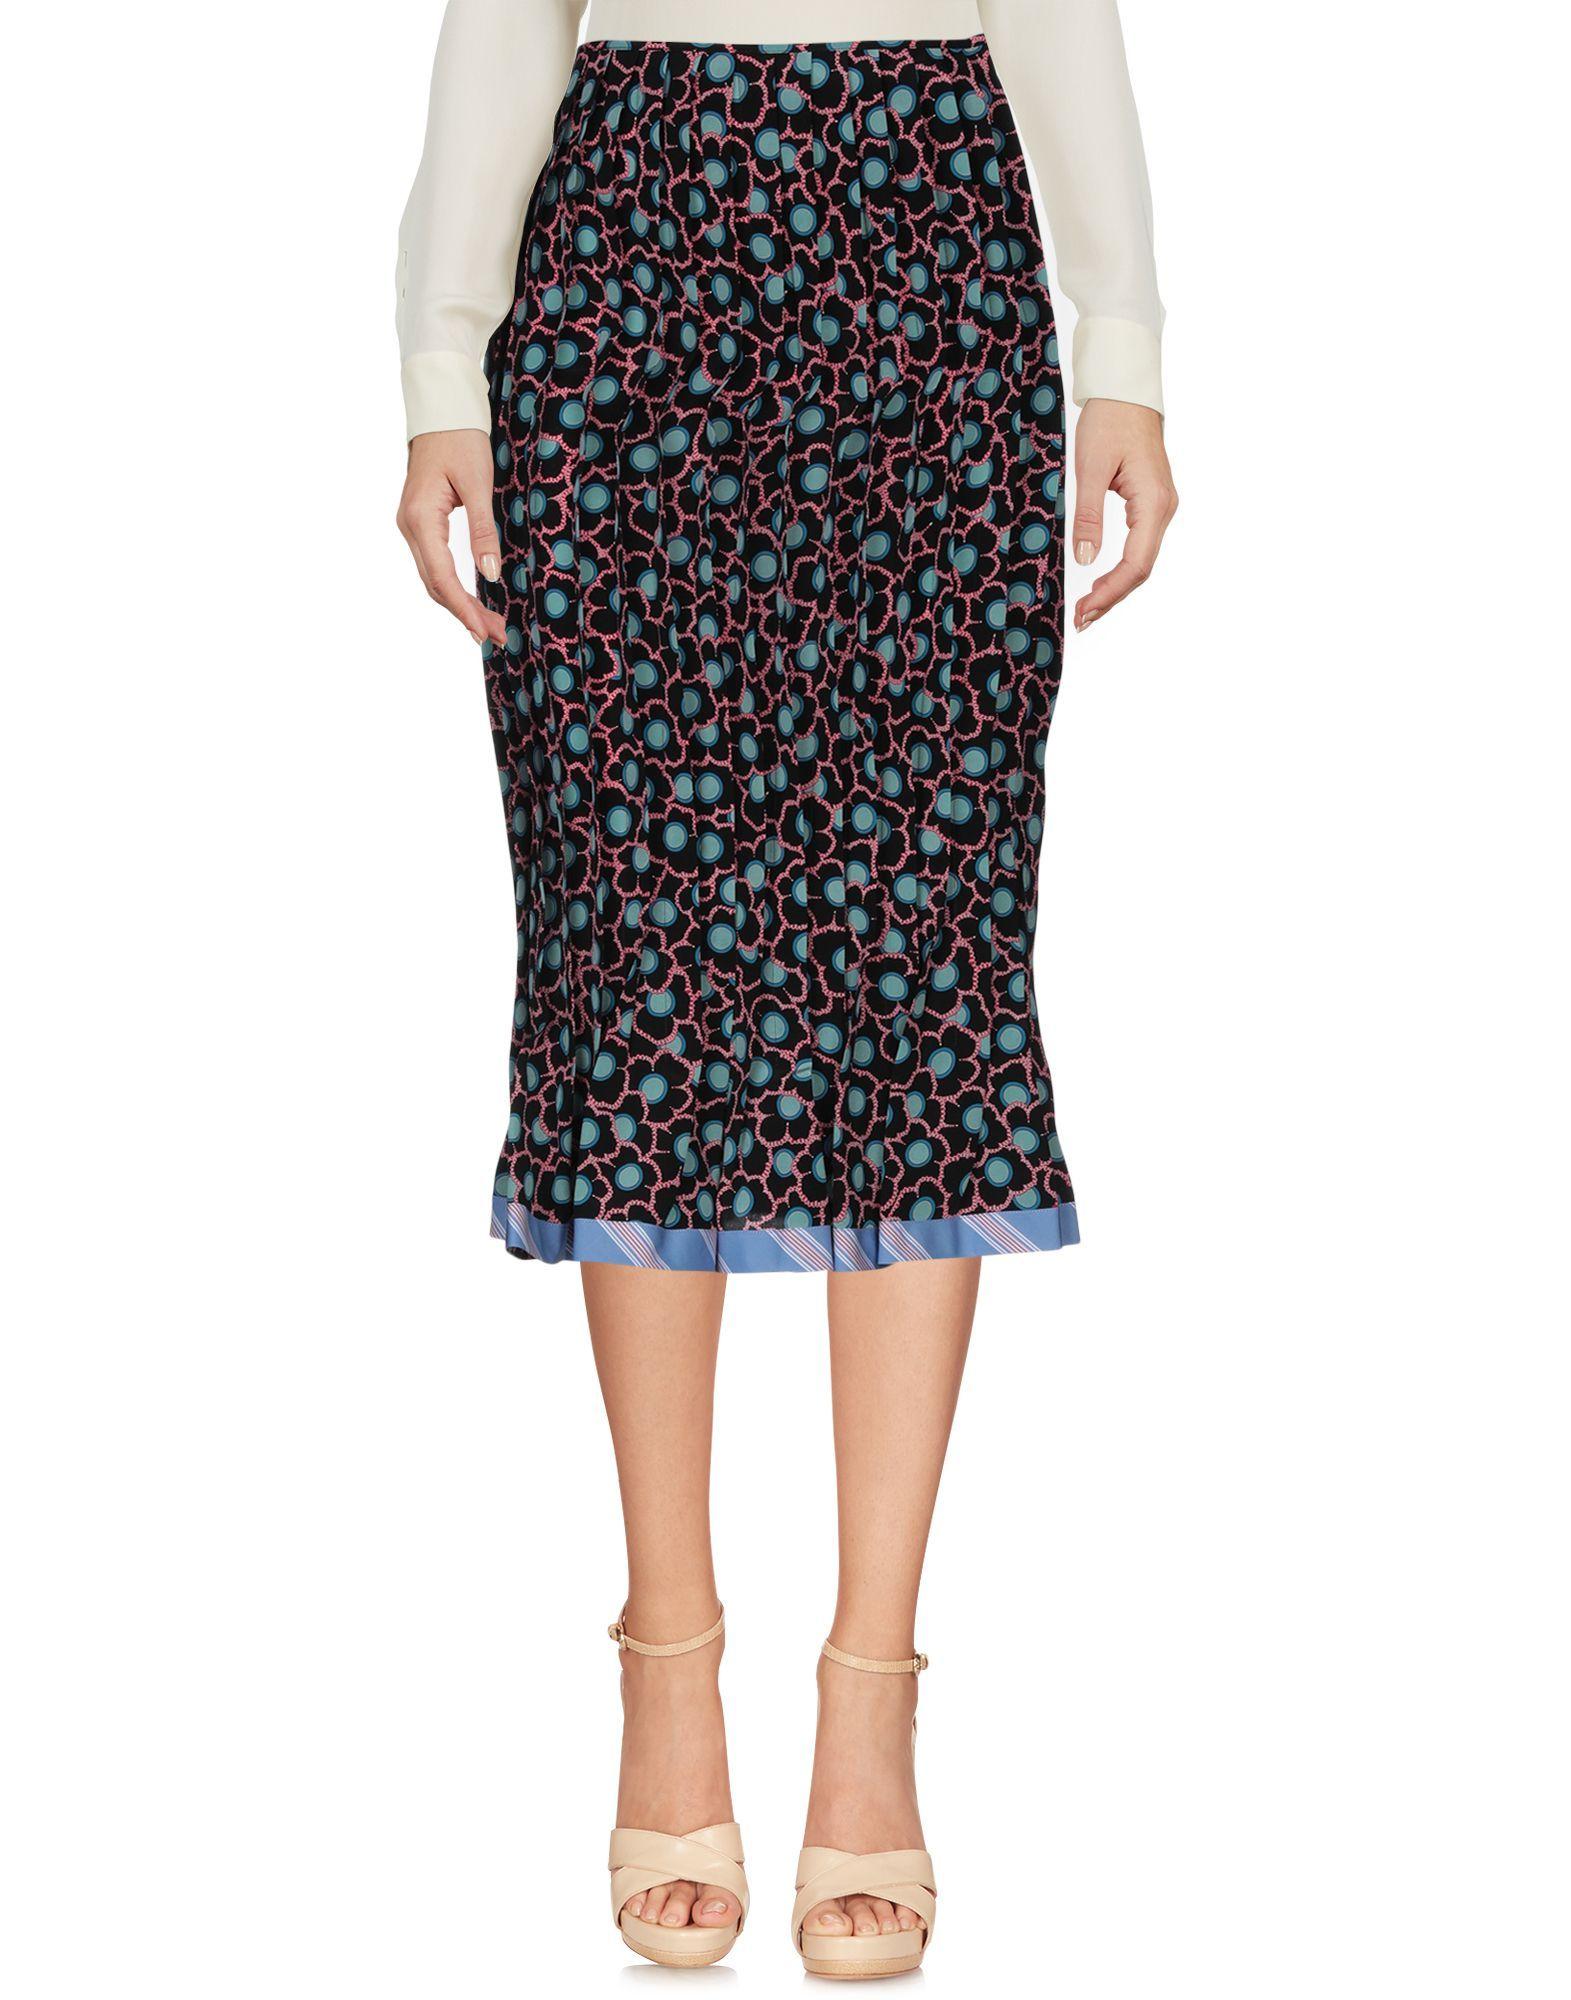 Marni Black Floral Design Silk Skirt